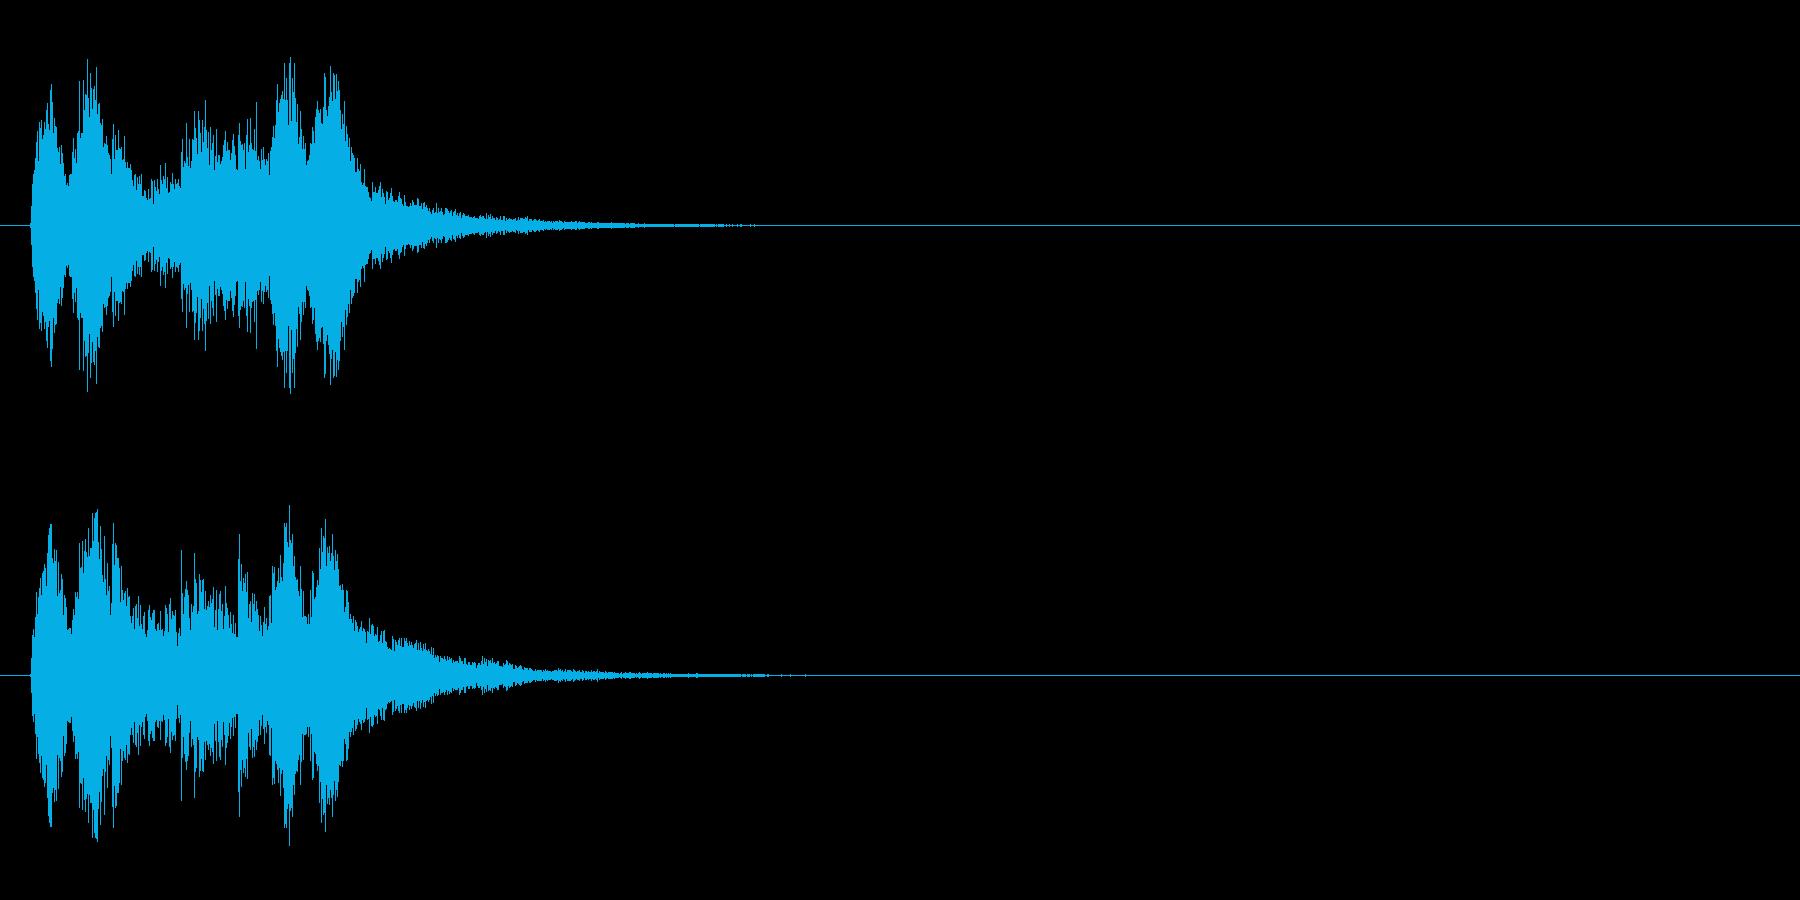 ジングル(サスペンス風/マイナー)の再生済みの波形